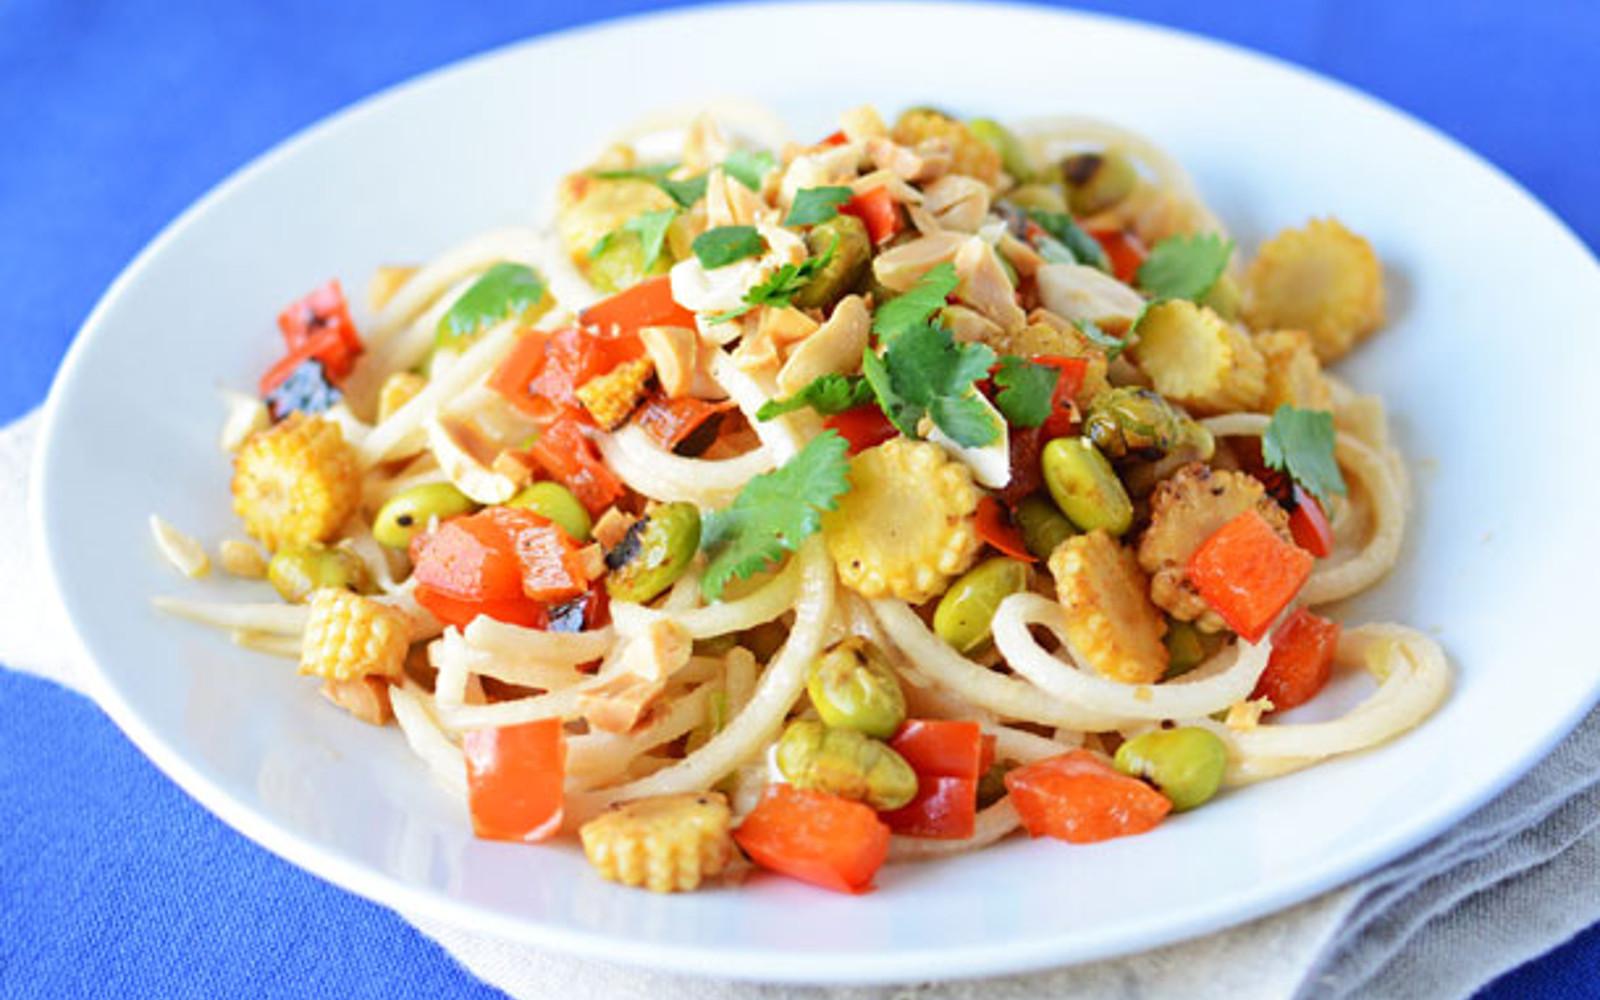 peanut and daikon noodle radish salad